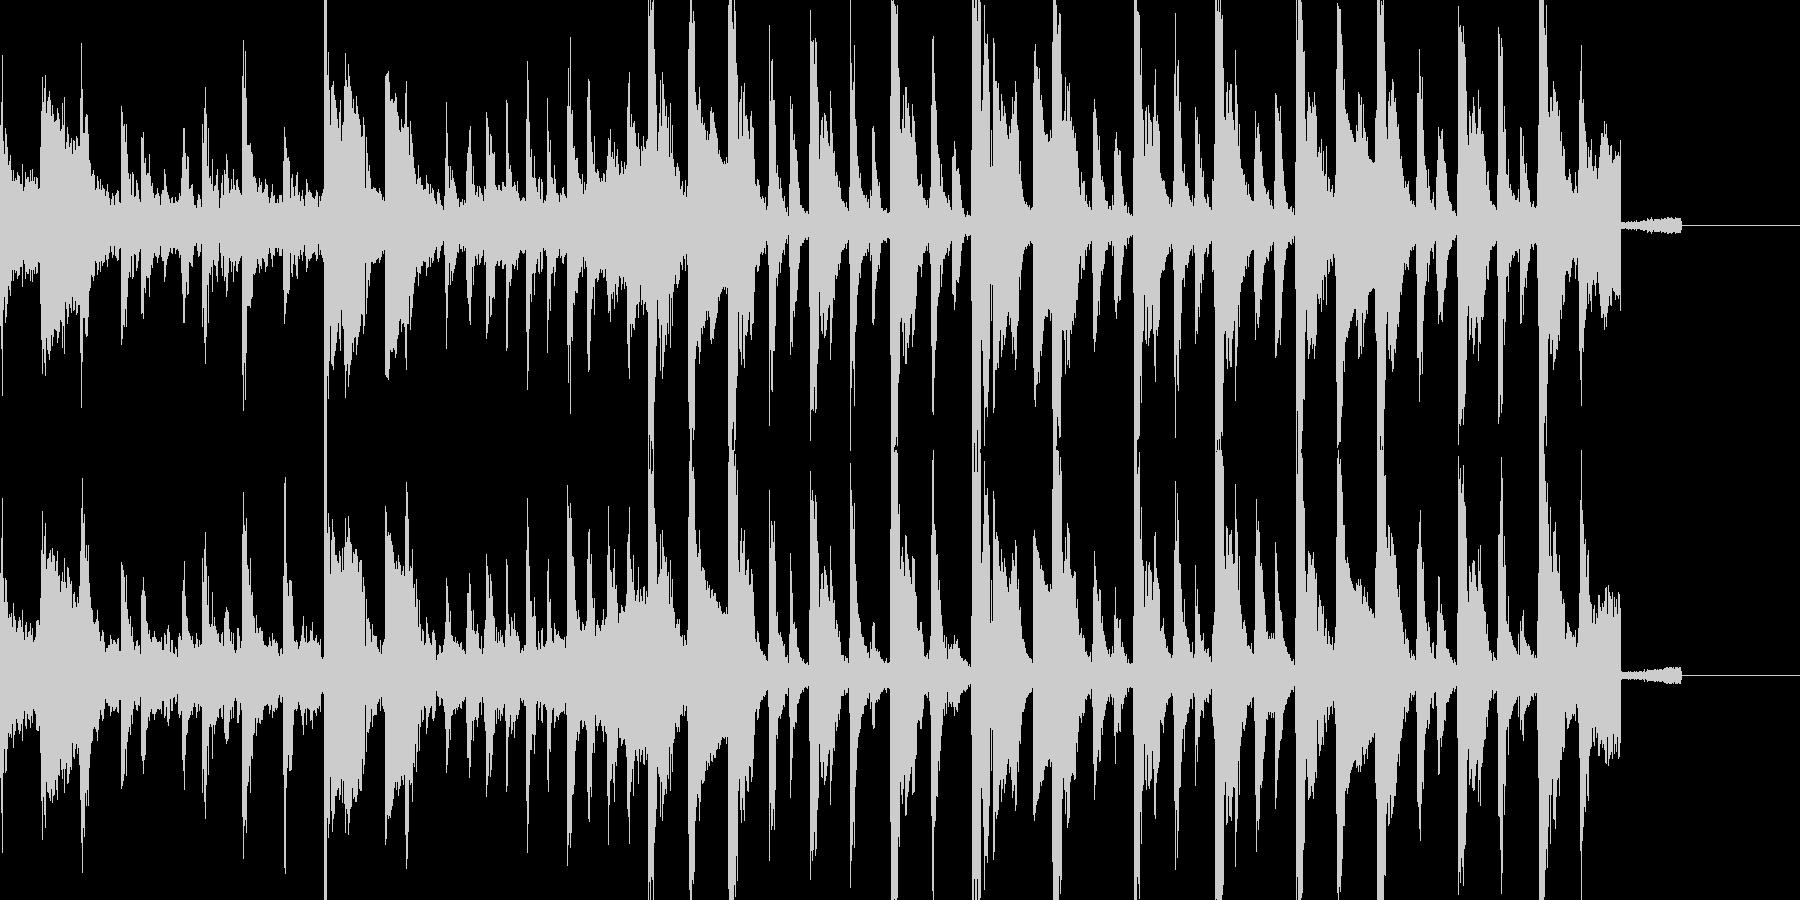 ほのぼのとしたイントロBGMの未再生の波形